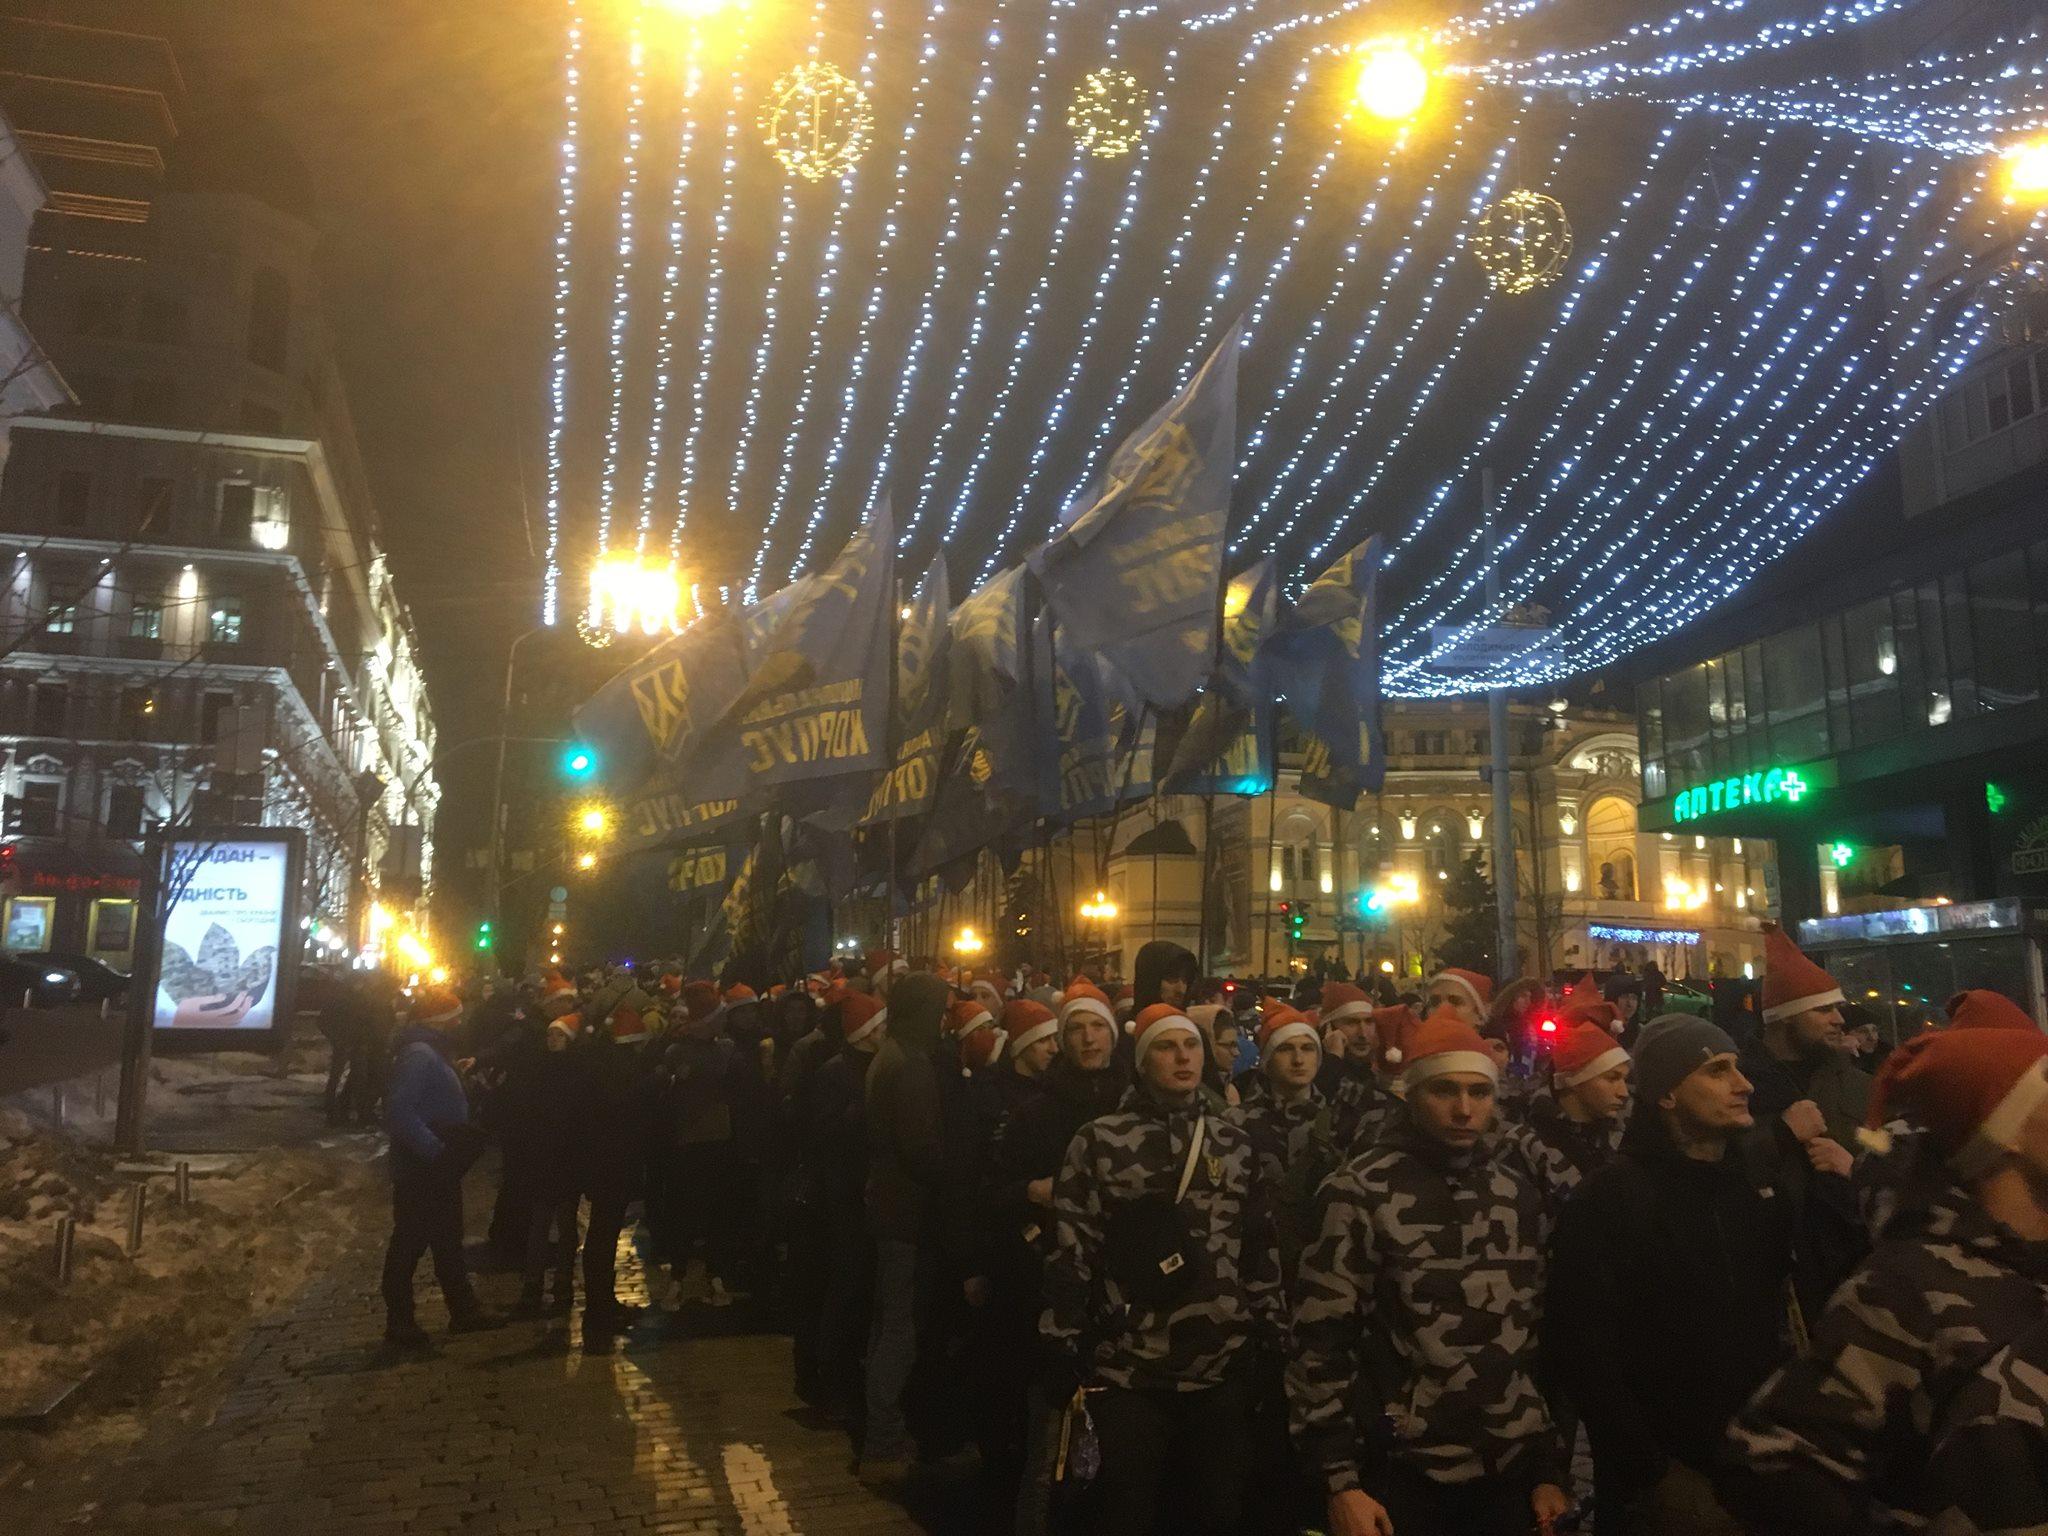 У Києві зібралися учасники ходи на честь Бандери: перші фото, відео